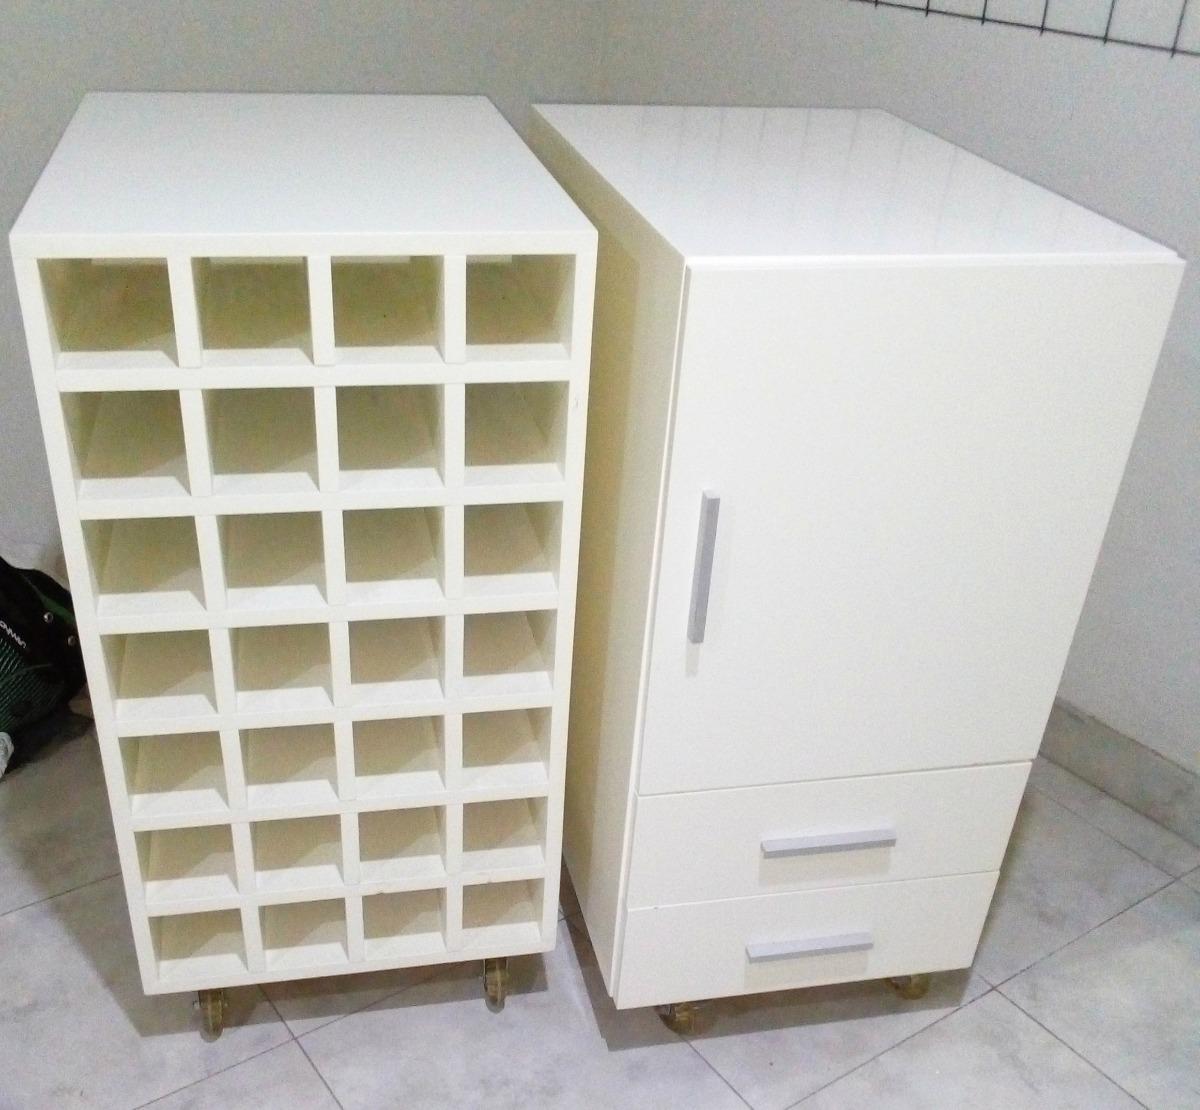 Vinoteca + Organizador Mueble Cocina, Laqueados. Precio Unid - $ 5.000,00